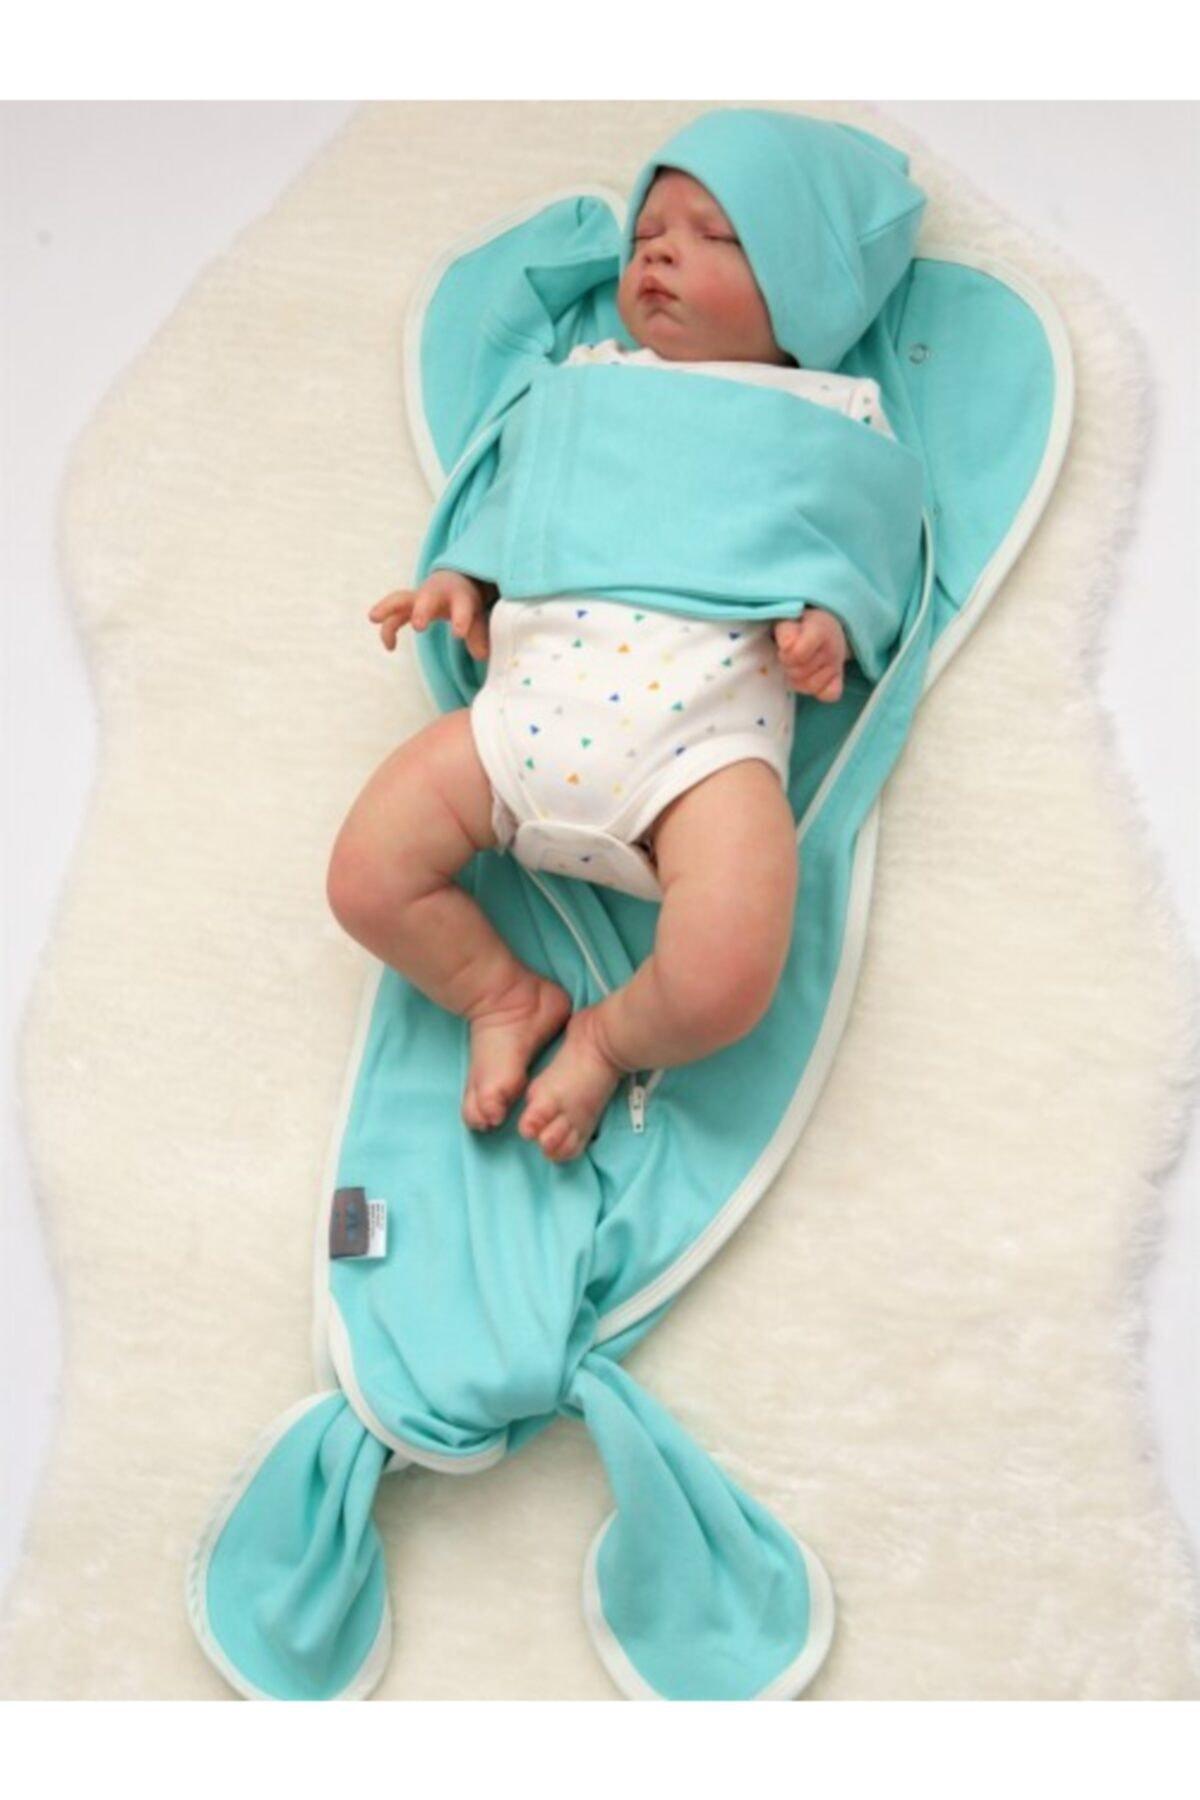 Lufasling Bebek Kundaklı Uyku Tulumu 2